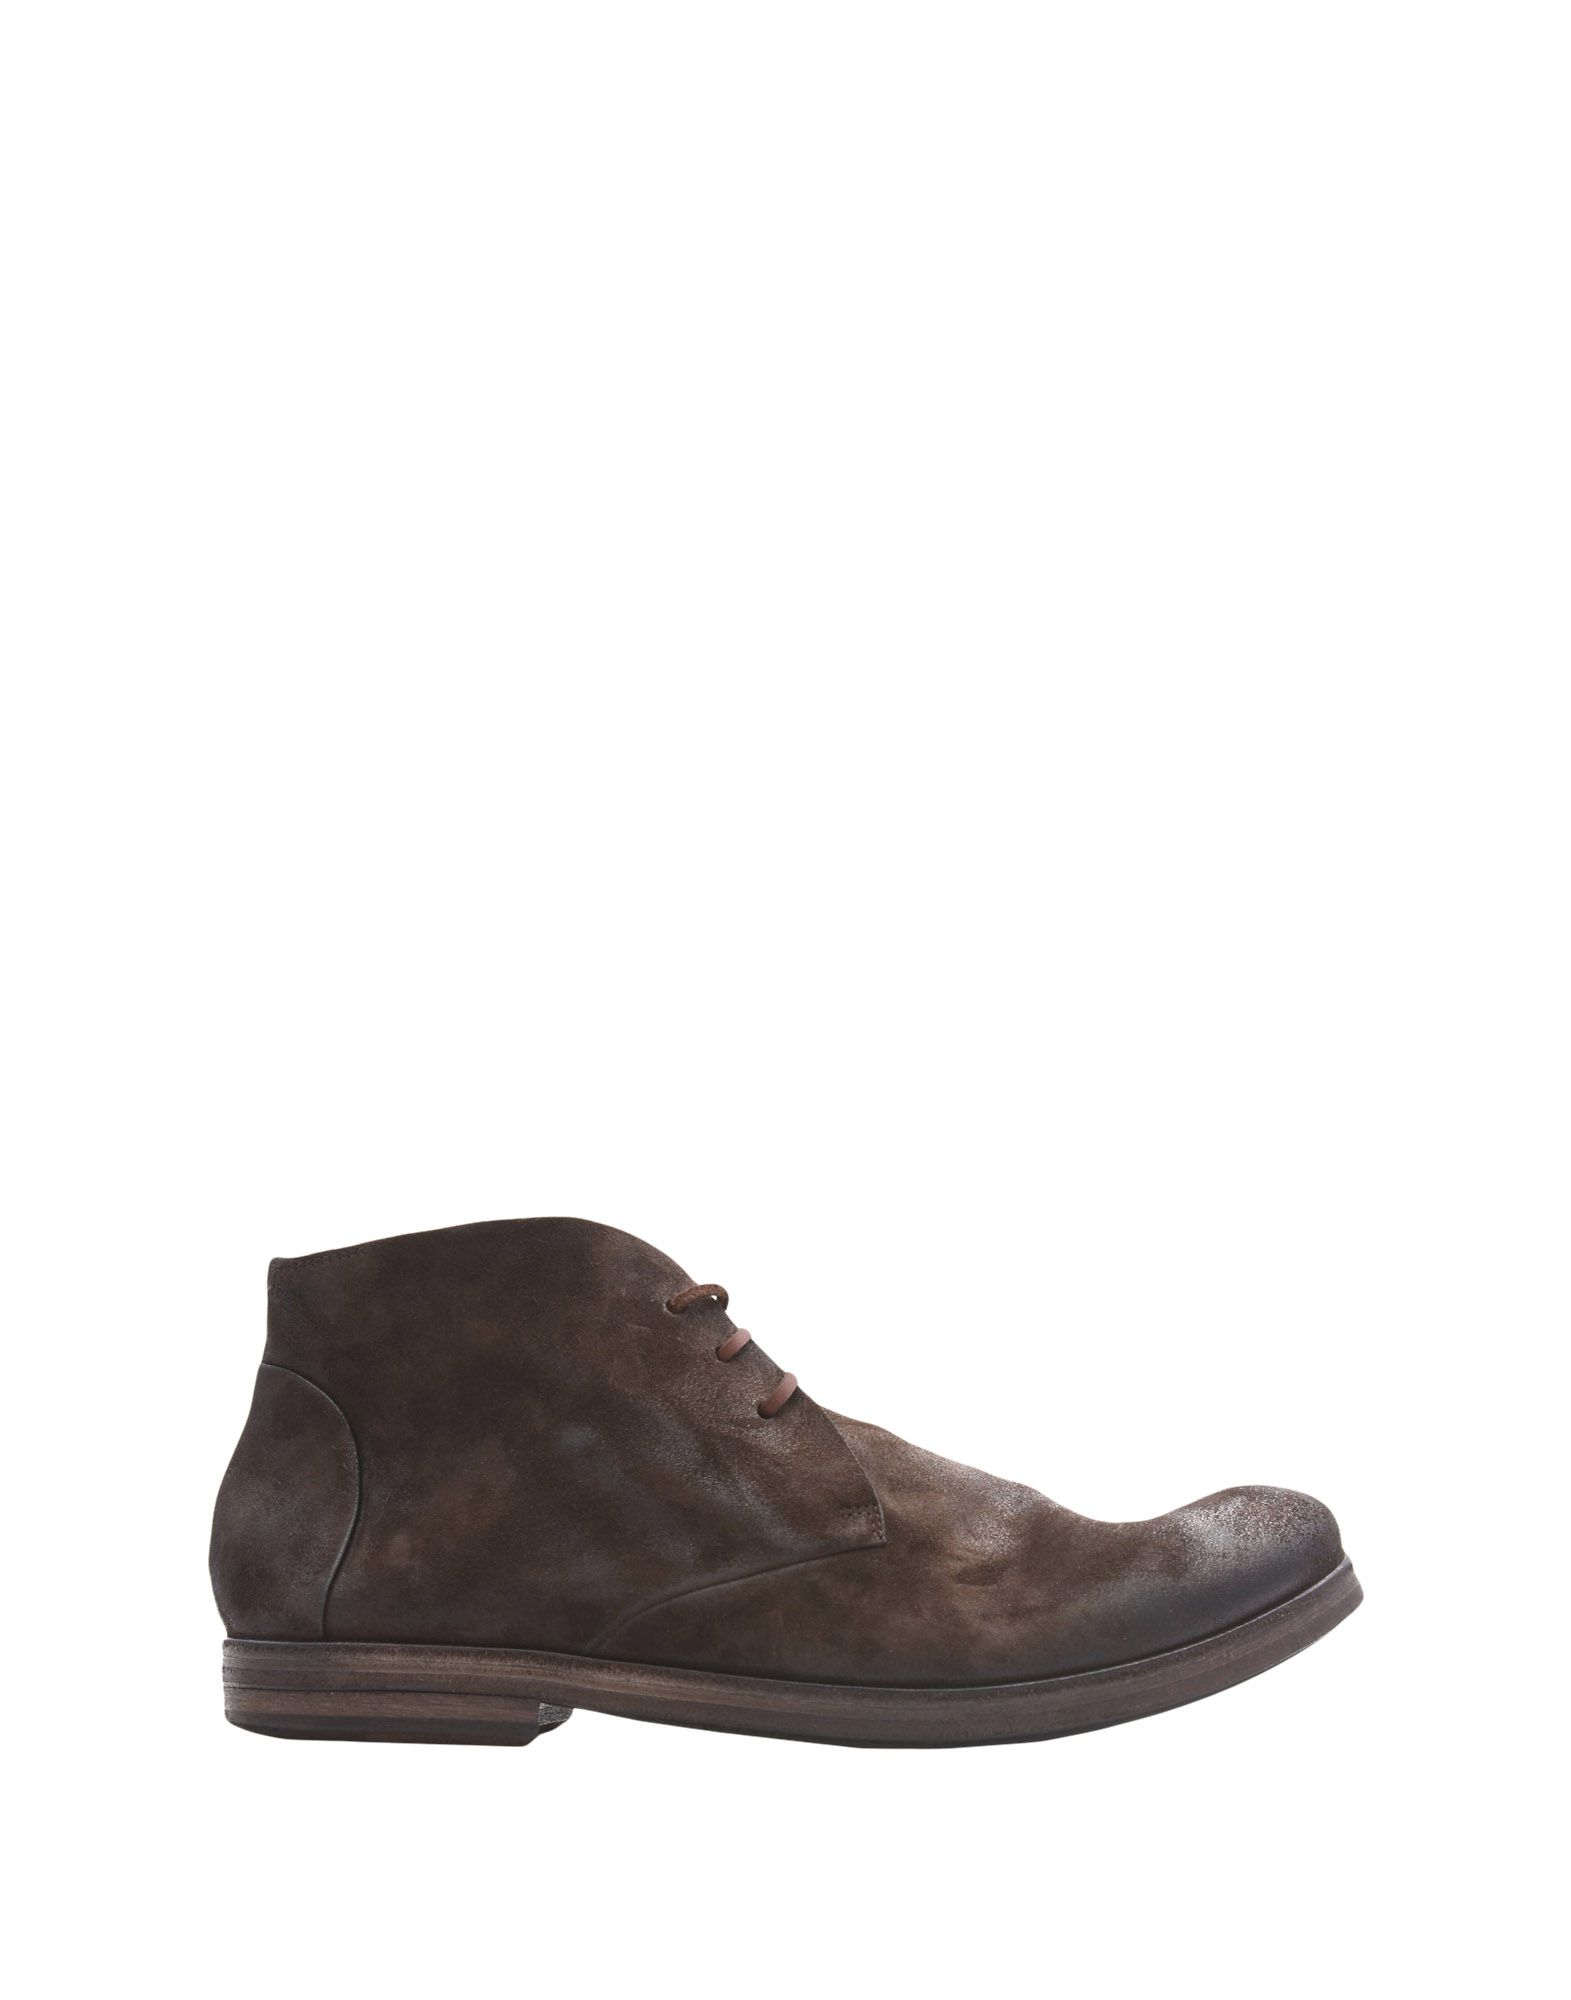 Marsèll Stiefelette Herren  11524618GS Gute Qualität beliebte Schuhe